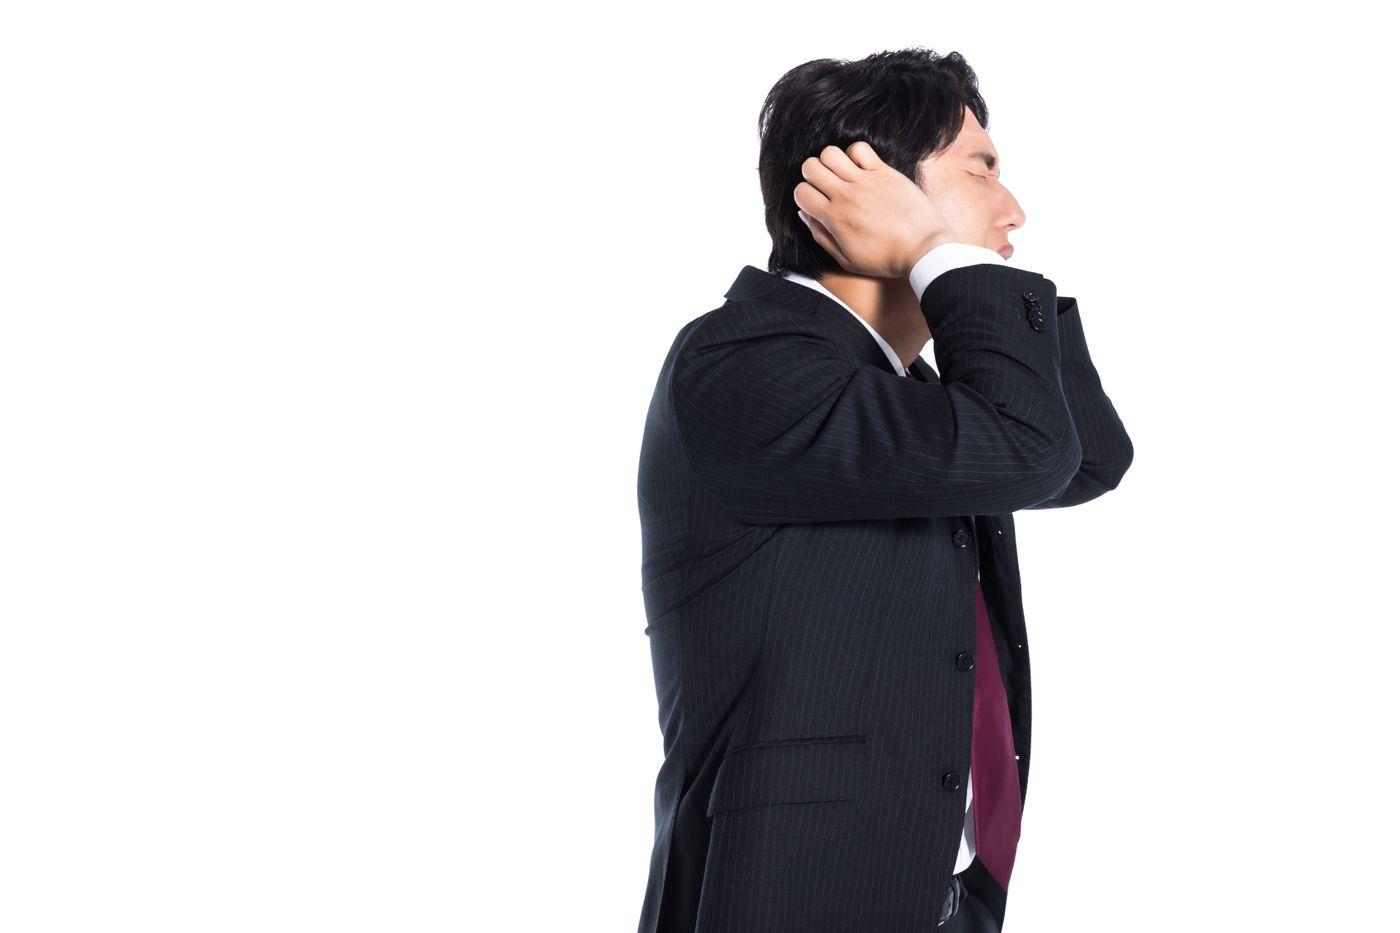 失敗して頭を抱える会社員の写真